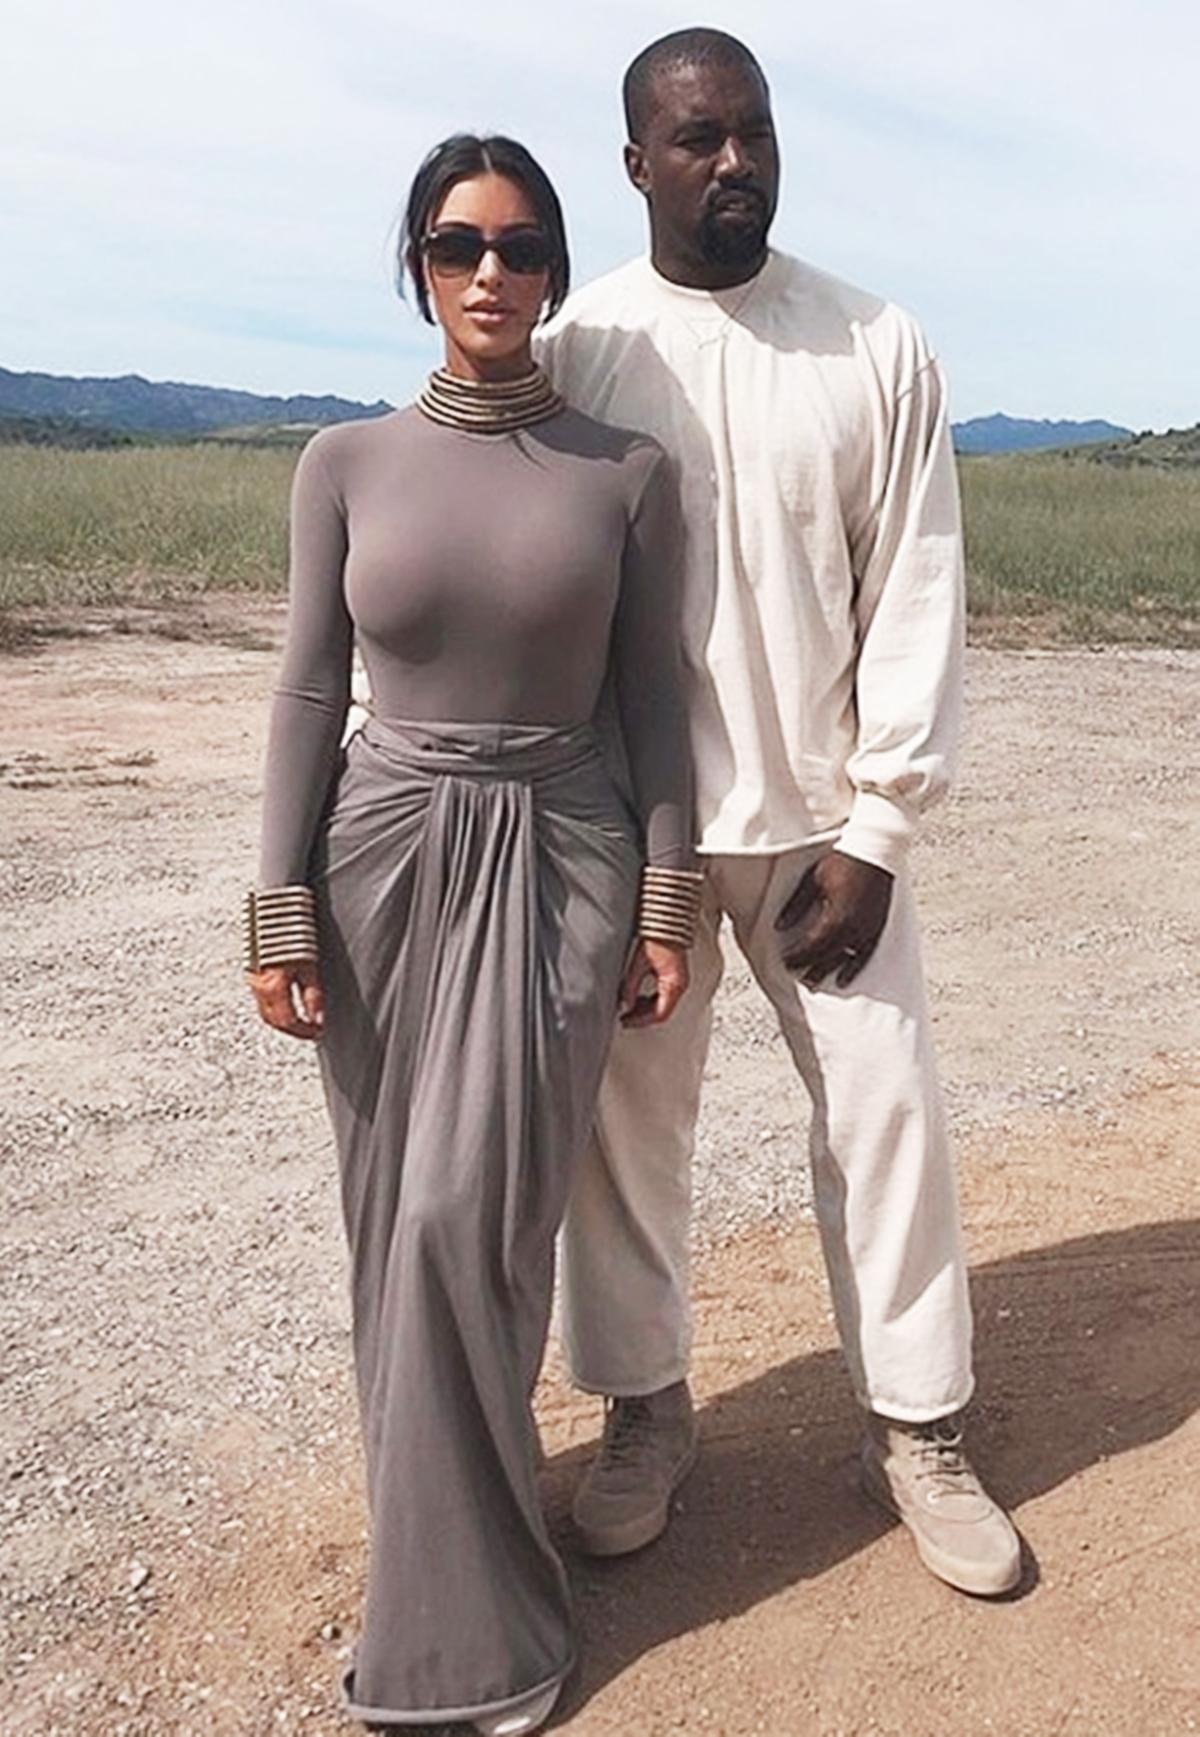 Kim Kardashian đăng ảnh cùng chồng - rapper Kanye West lên Instagramngày 20/12/2019. Côhóa nữ thần Ai Cập với chân váy lụa Rick Owens áo thun ôm body trang trí vòng đeo to bản ở cổ và tay. Tông xám được cô ưa chuộng, chủ đạo trong nhiều set đồ dạo phố lẫn đời thường.